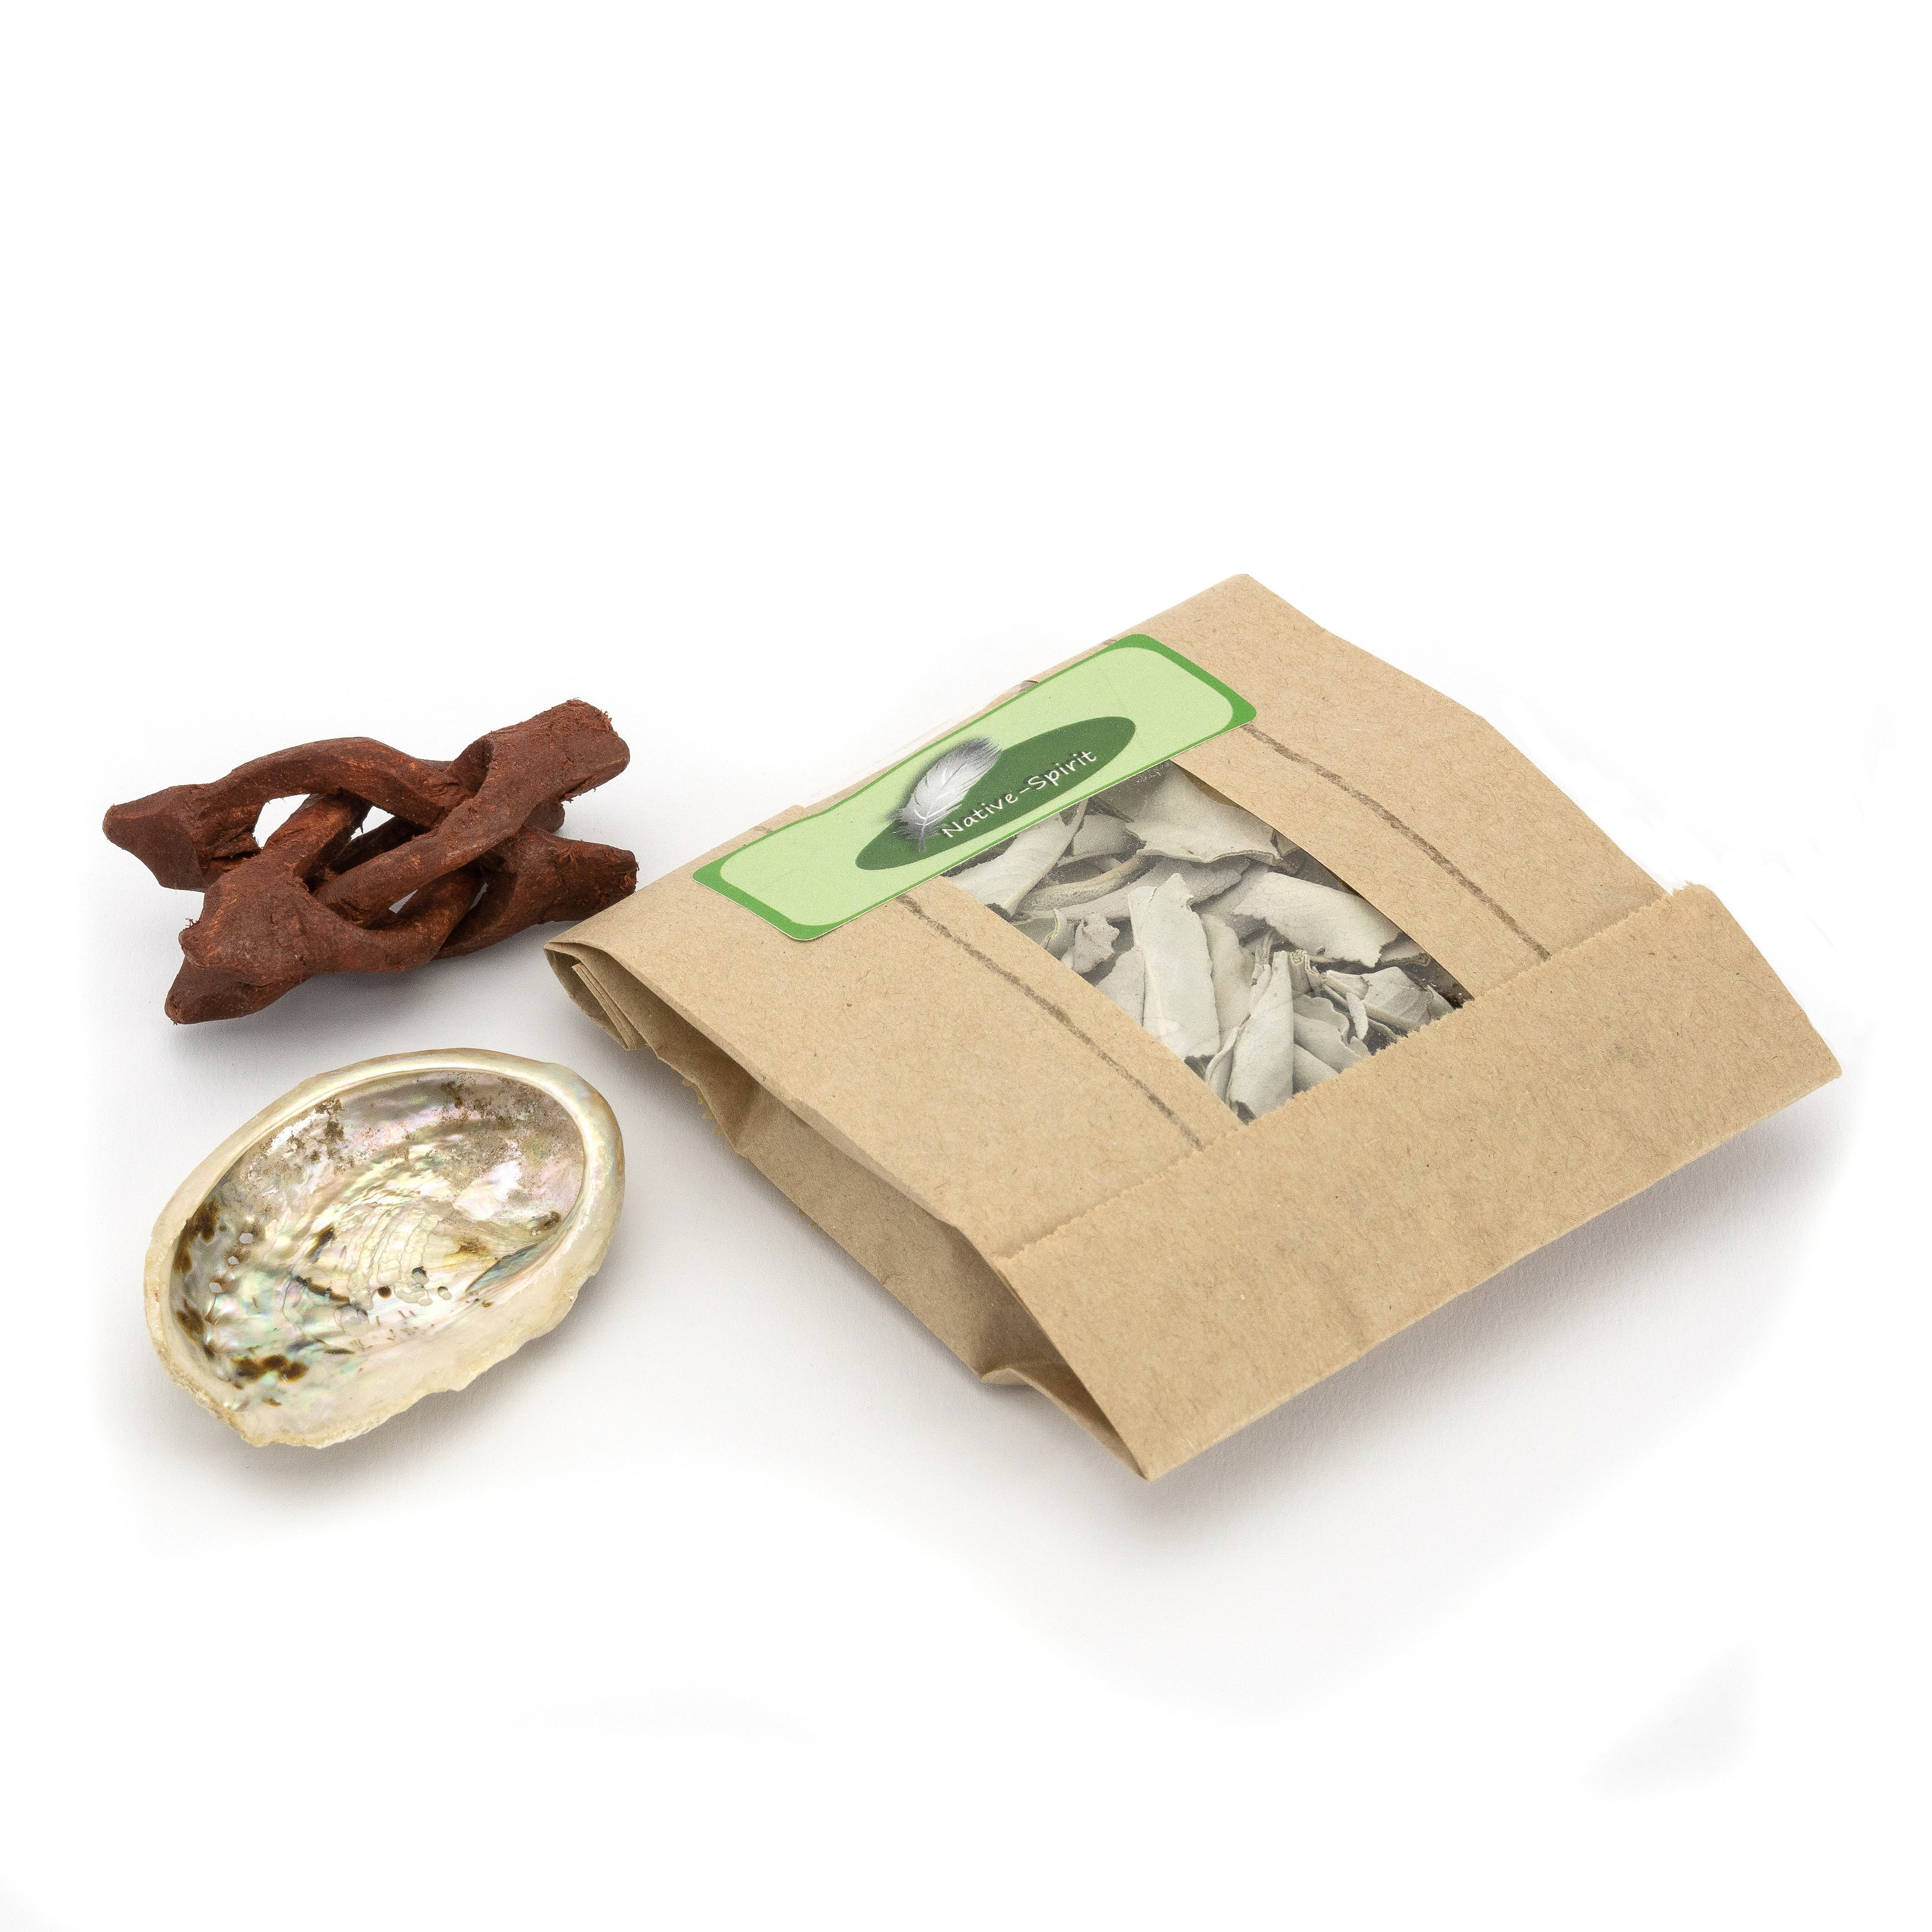 Mini Räucherset: Weißer Salbei, Abalone-Muschel (klein) und kleinem Dreibein (Tripod Cobra) aus Holz